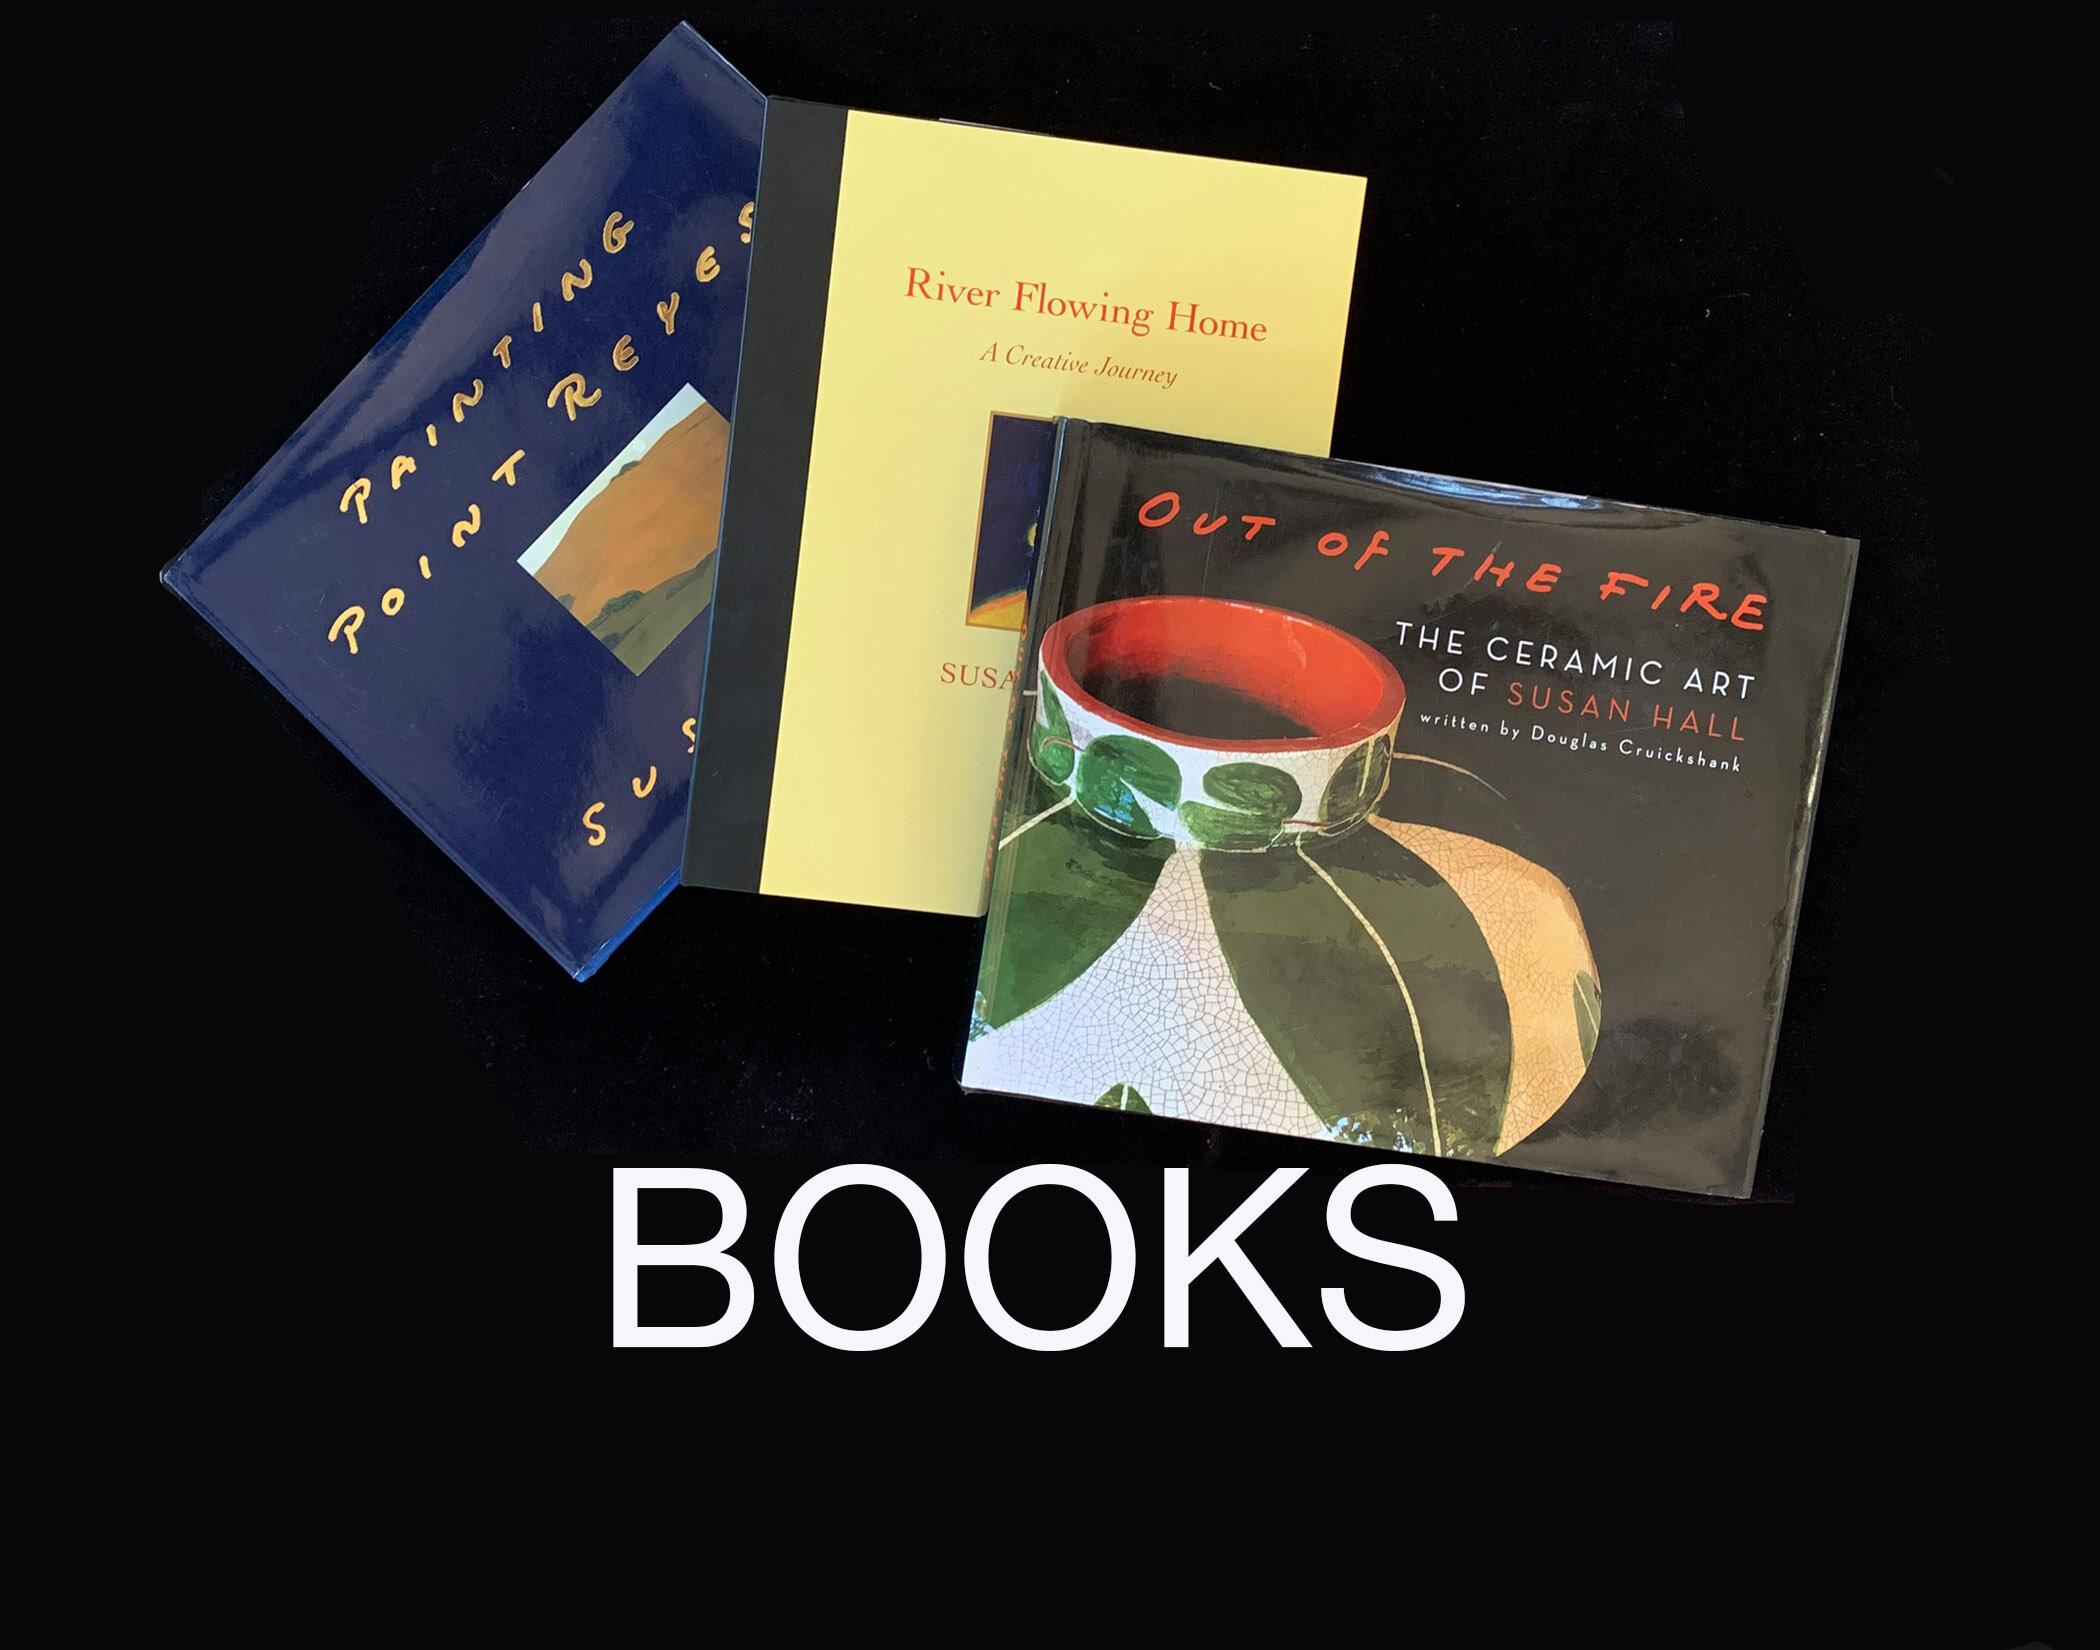 website-grid-books 2.jpg